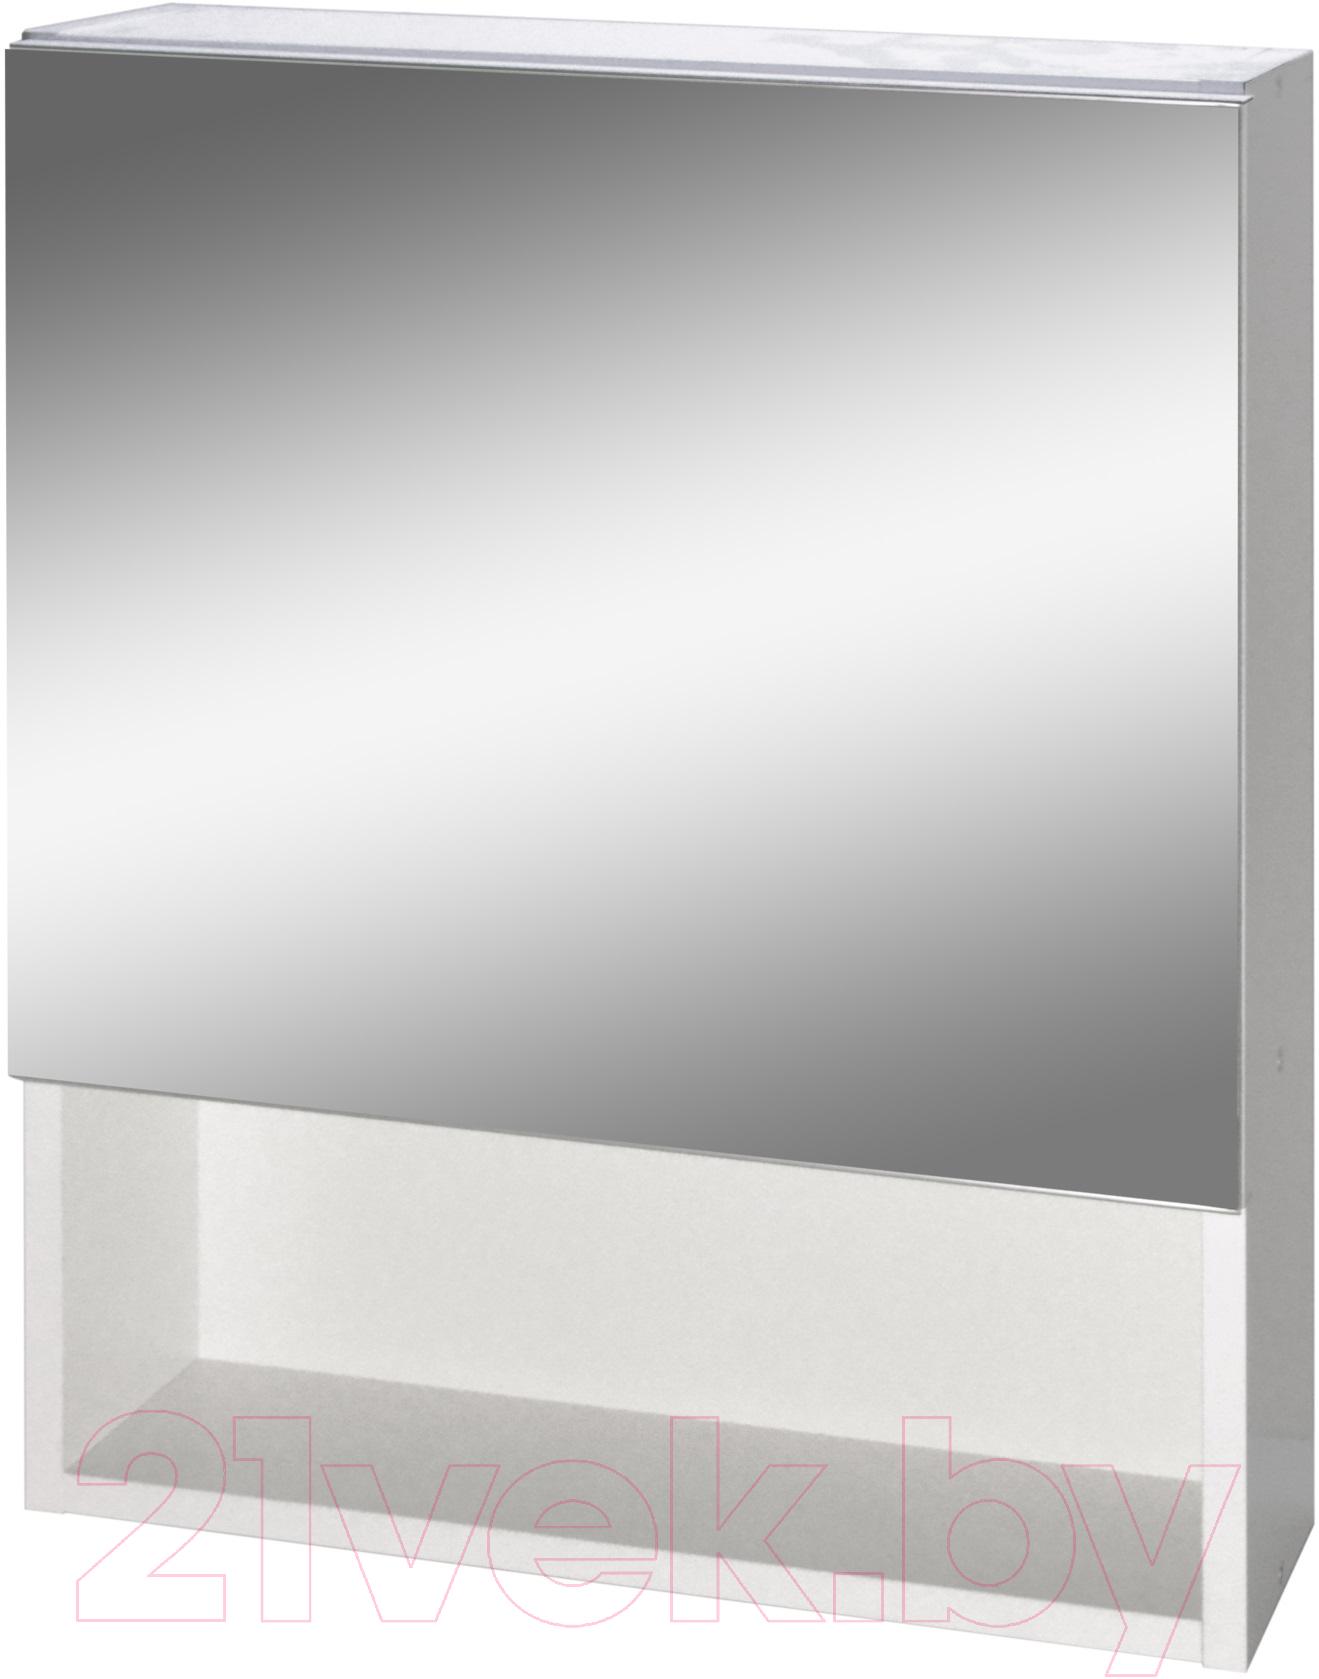 Купить Шкаф для ванной Гамма, 12 (белый), Беларусь